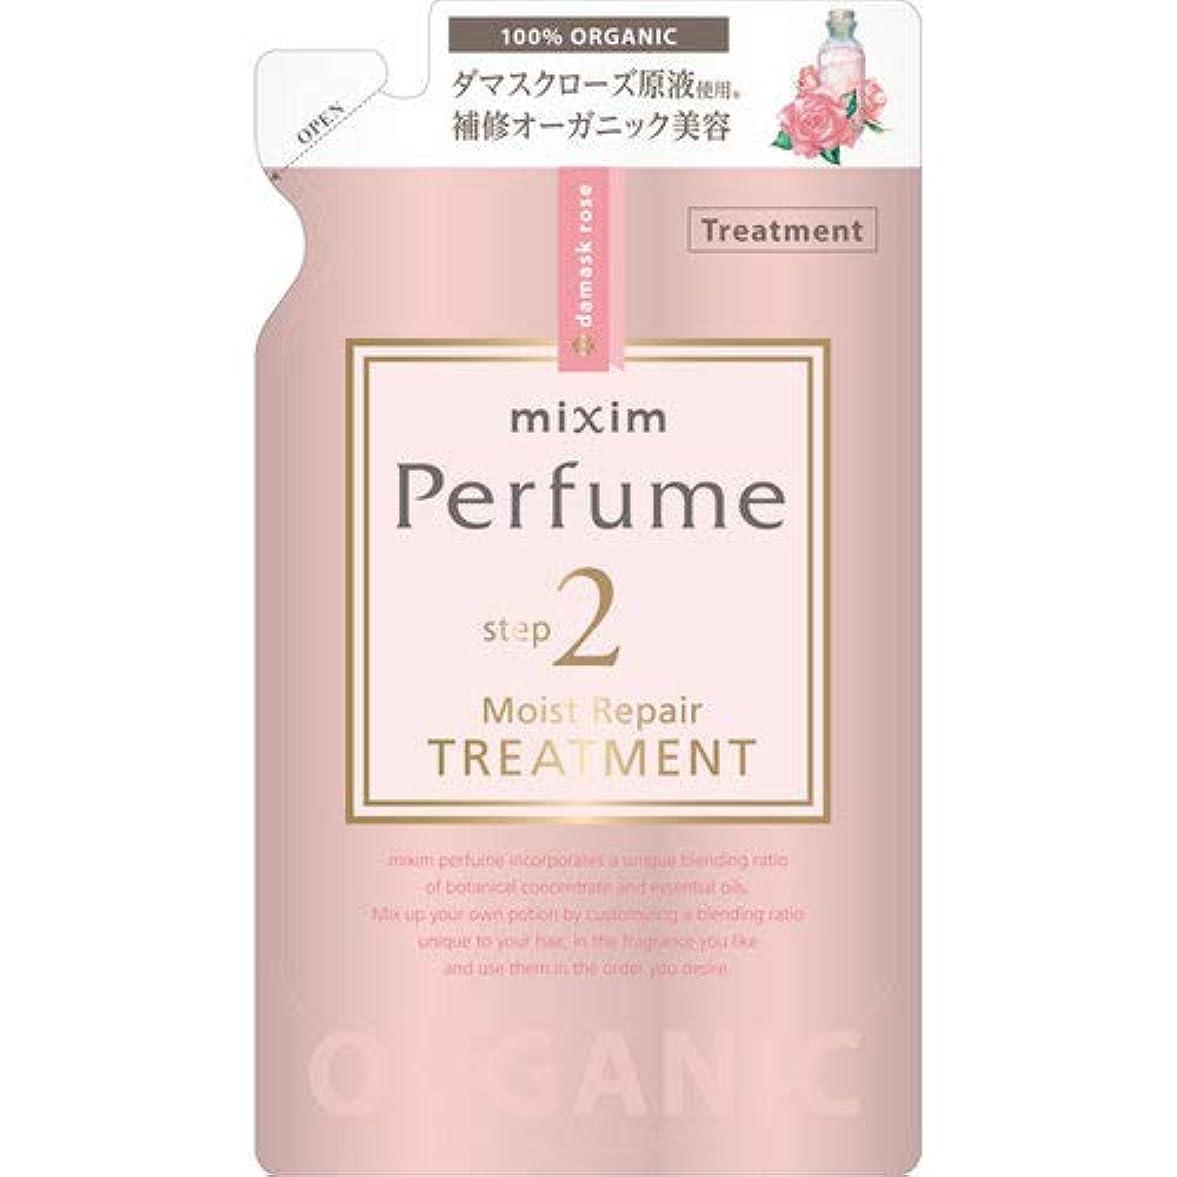 ガレージソーシャルキャップmixim Perfume(ミクシムパフューム) モイストリペア ヘアトリートメントつめかえ用 350g